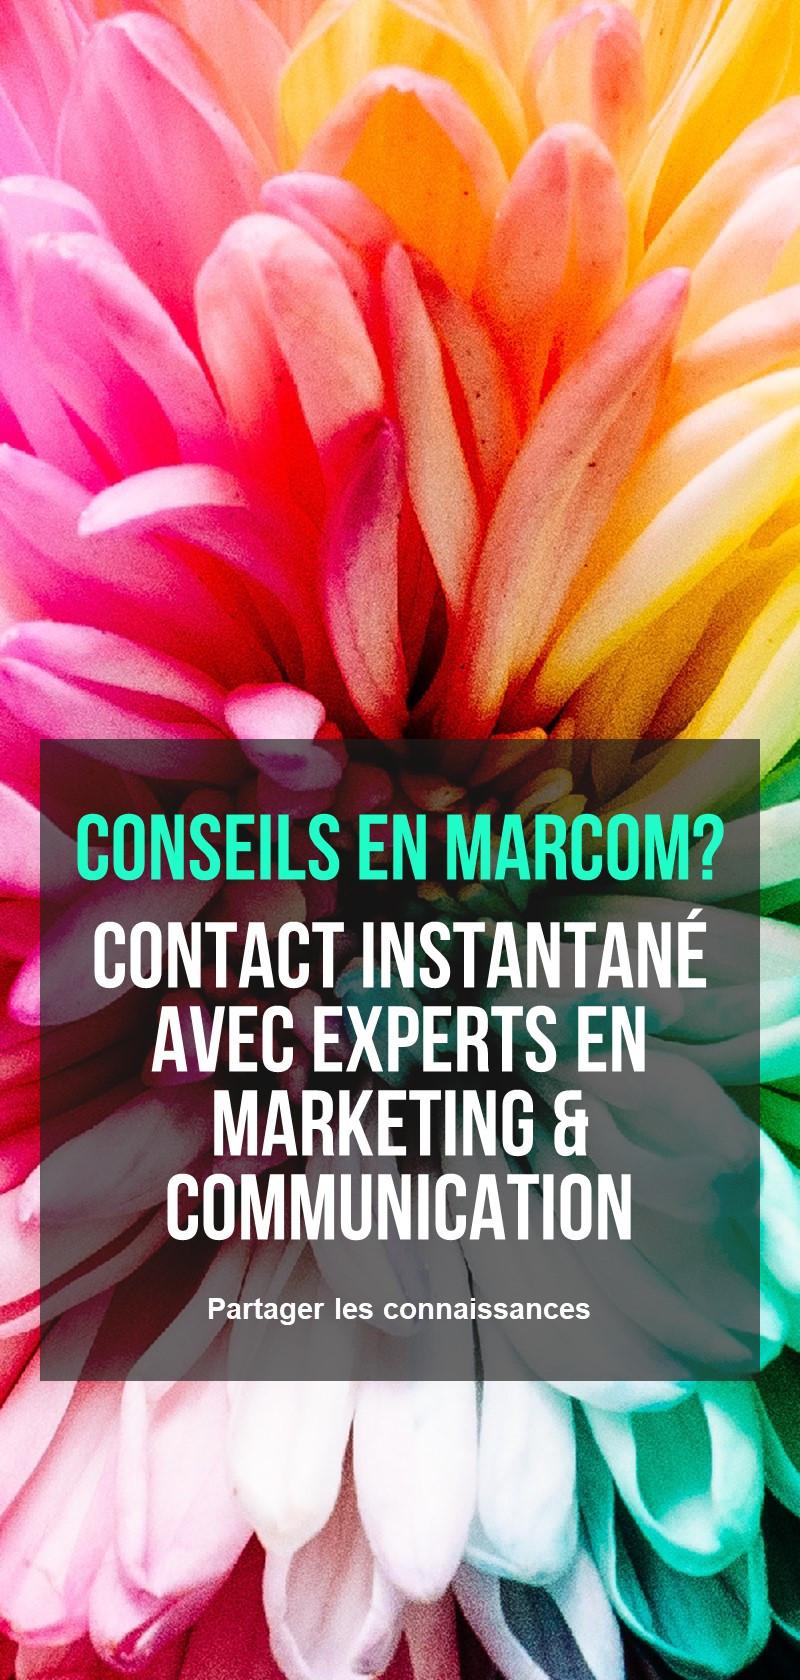 Stratégie et conseils en marketing et communication